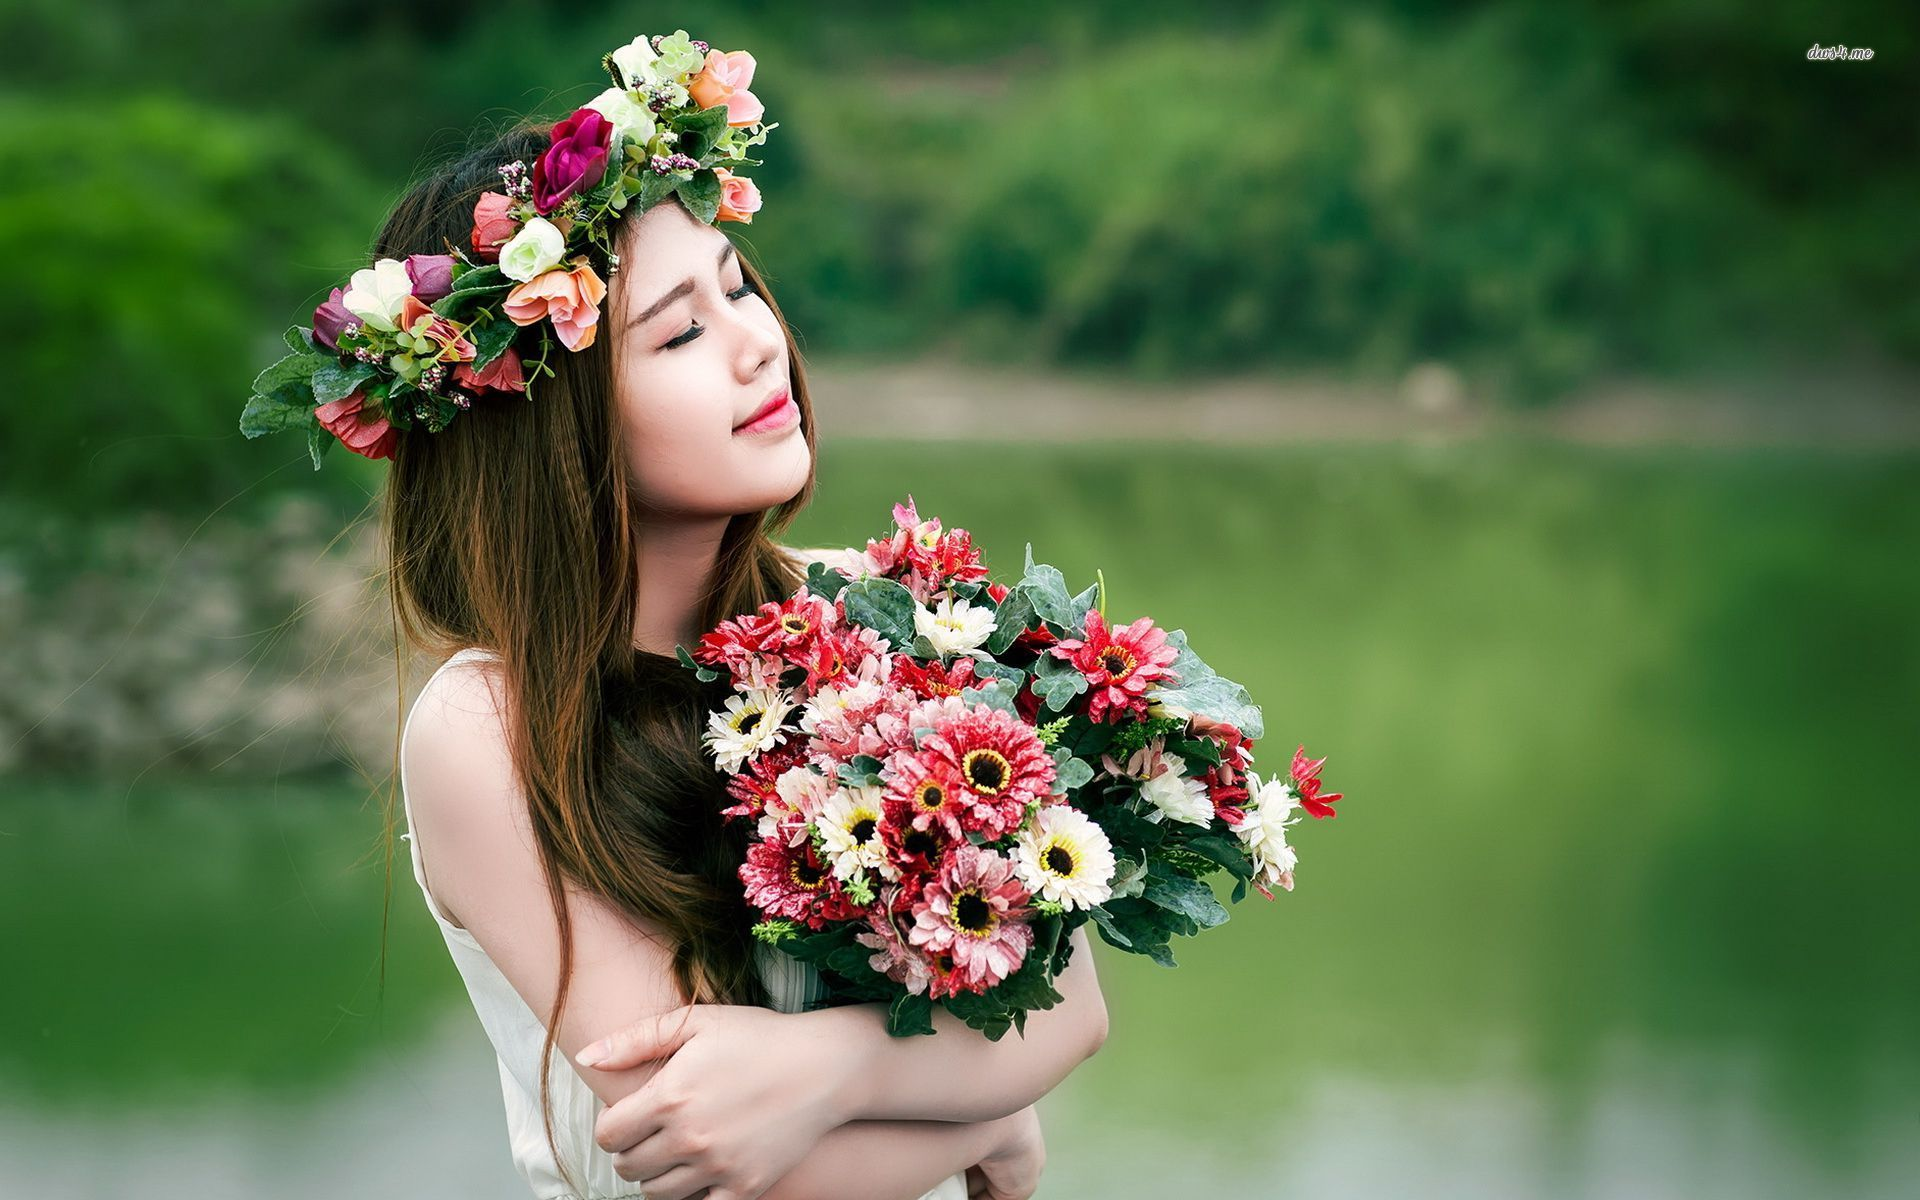 آیا گلها زیبا هستند؟!